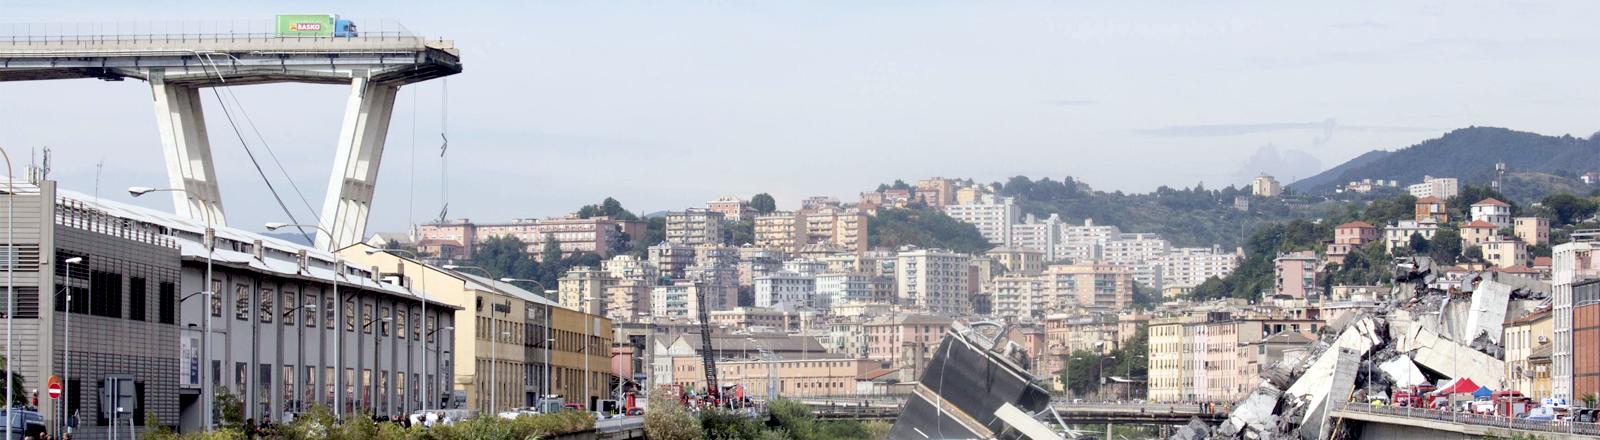 Am Rande der eingestürzten Brücke in Genua steht ein Grüner LKW, darunter sind die Trümmer zu sehen.